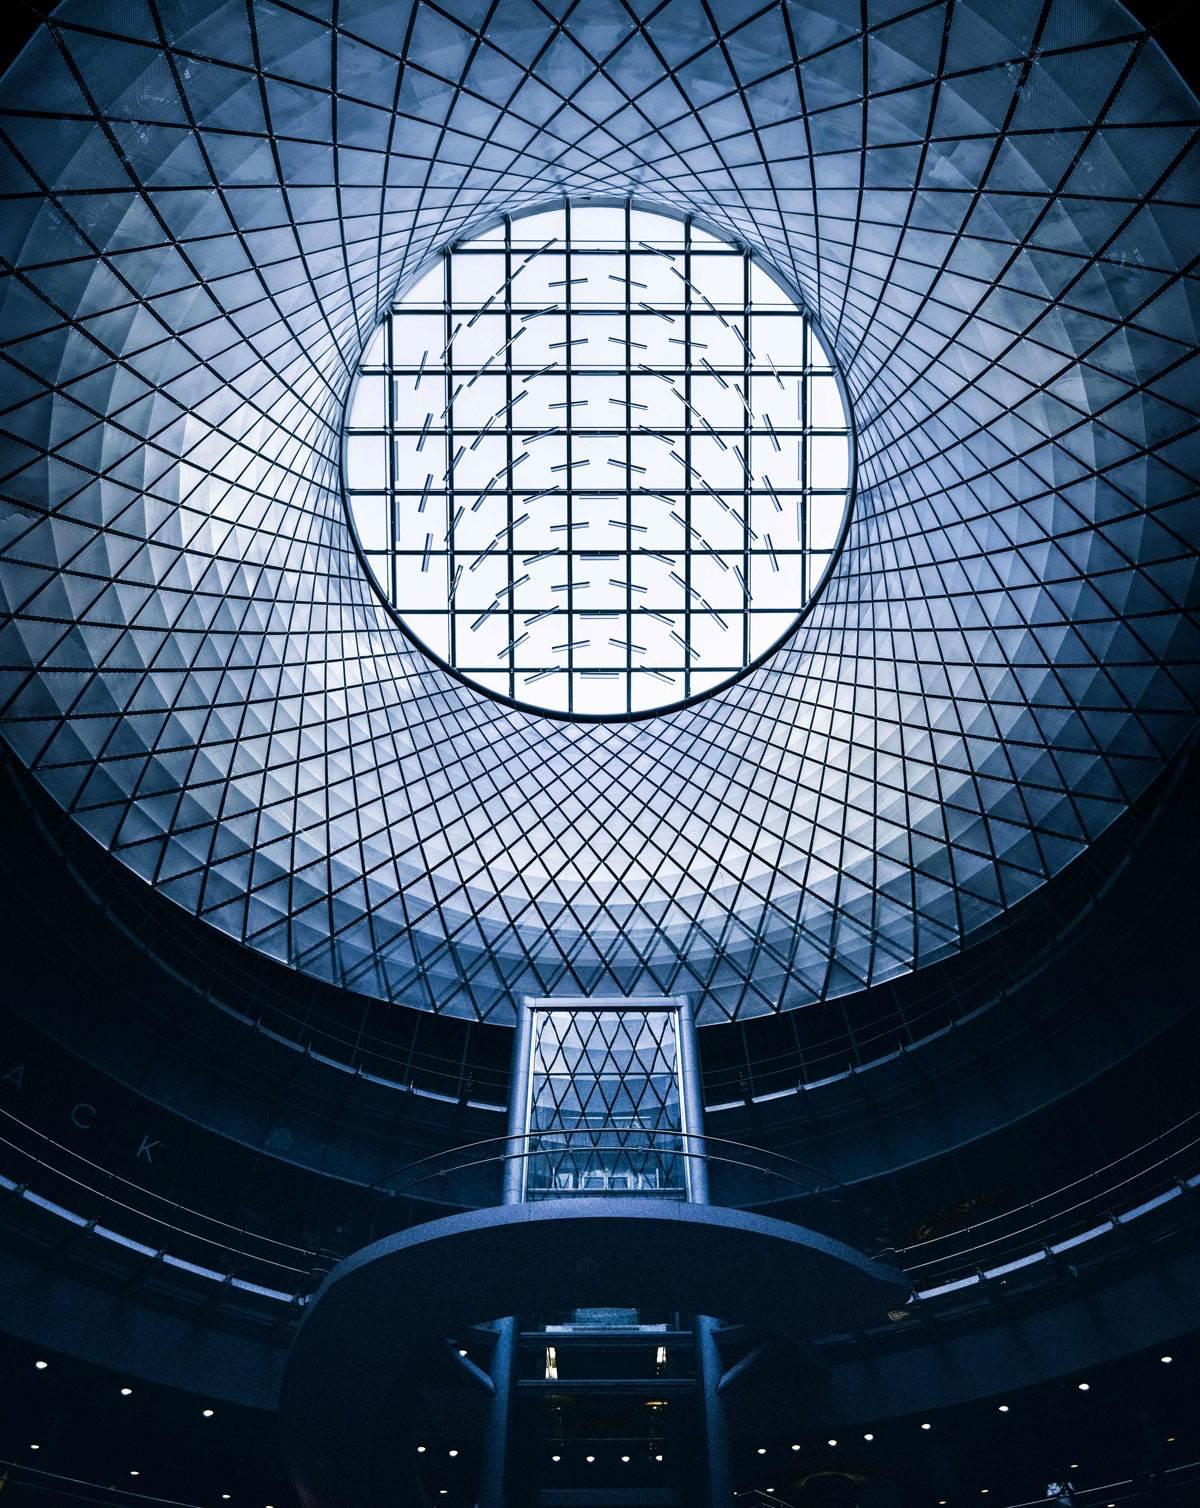 Dome architecture